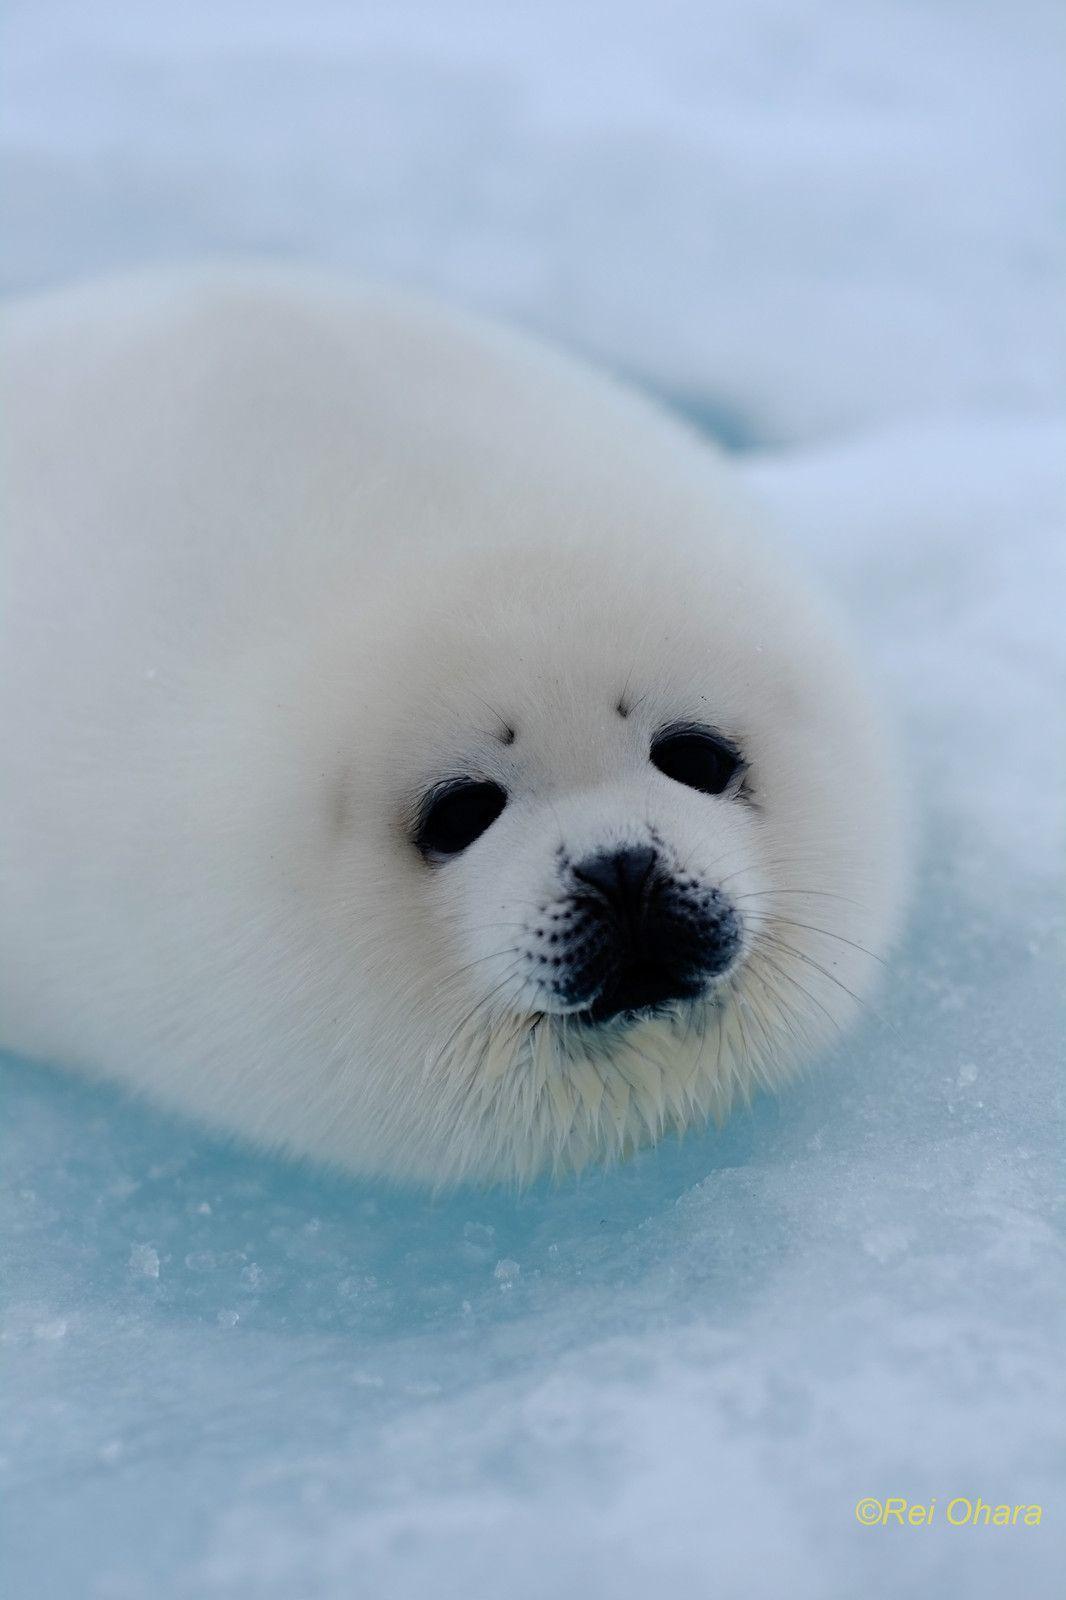 画像 : 【白い】まるで大福もち!!冬仕様の動物画像まとめ【もふもふ】 - NAVER まとめ